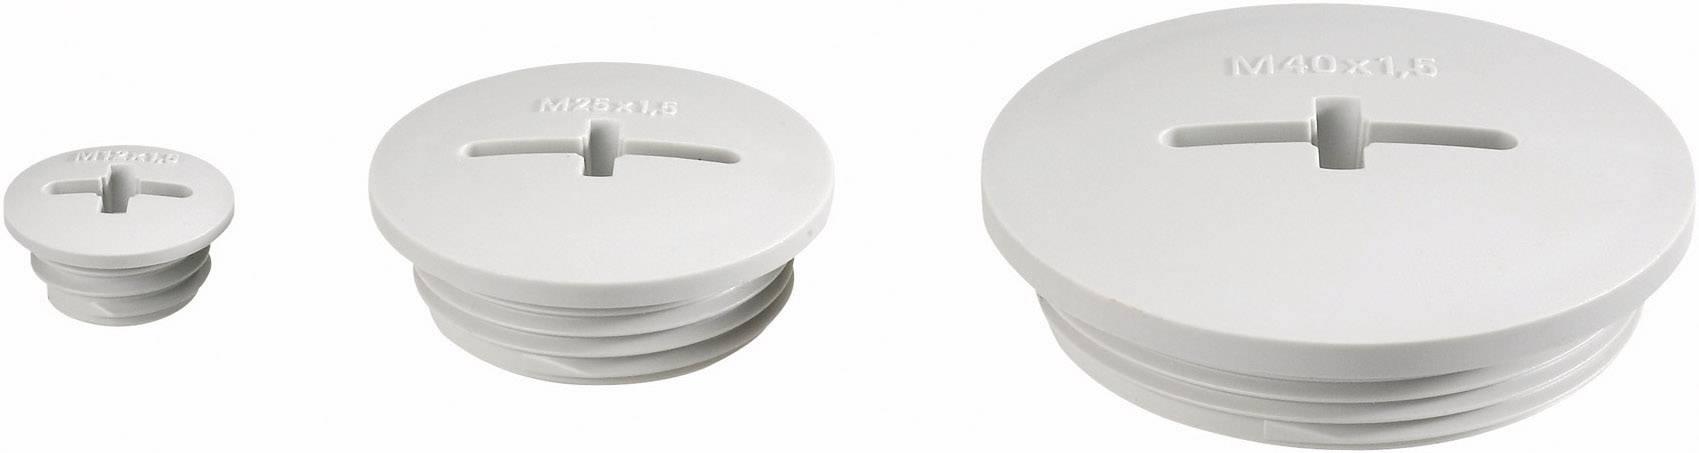 Záslepka LappKabel BLK-M20 (52006620), IP54, M20, polystyrol, světle šedá (RAL 7035)